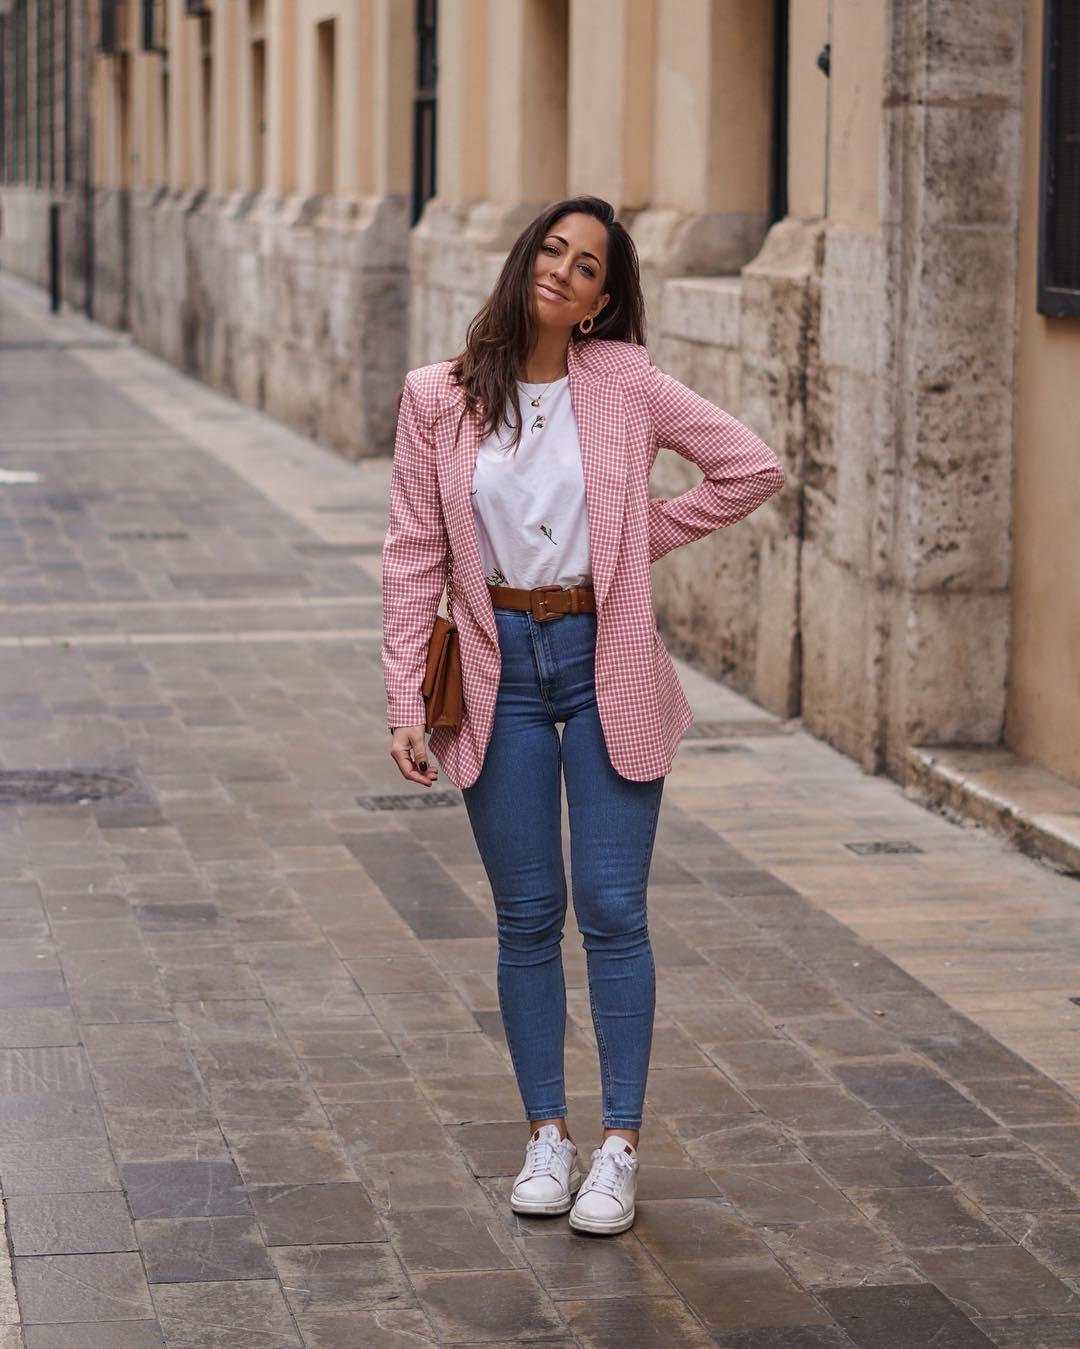 gingham plaid jacket de Zara sur criscalatrava